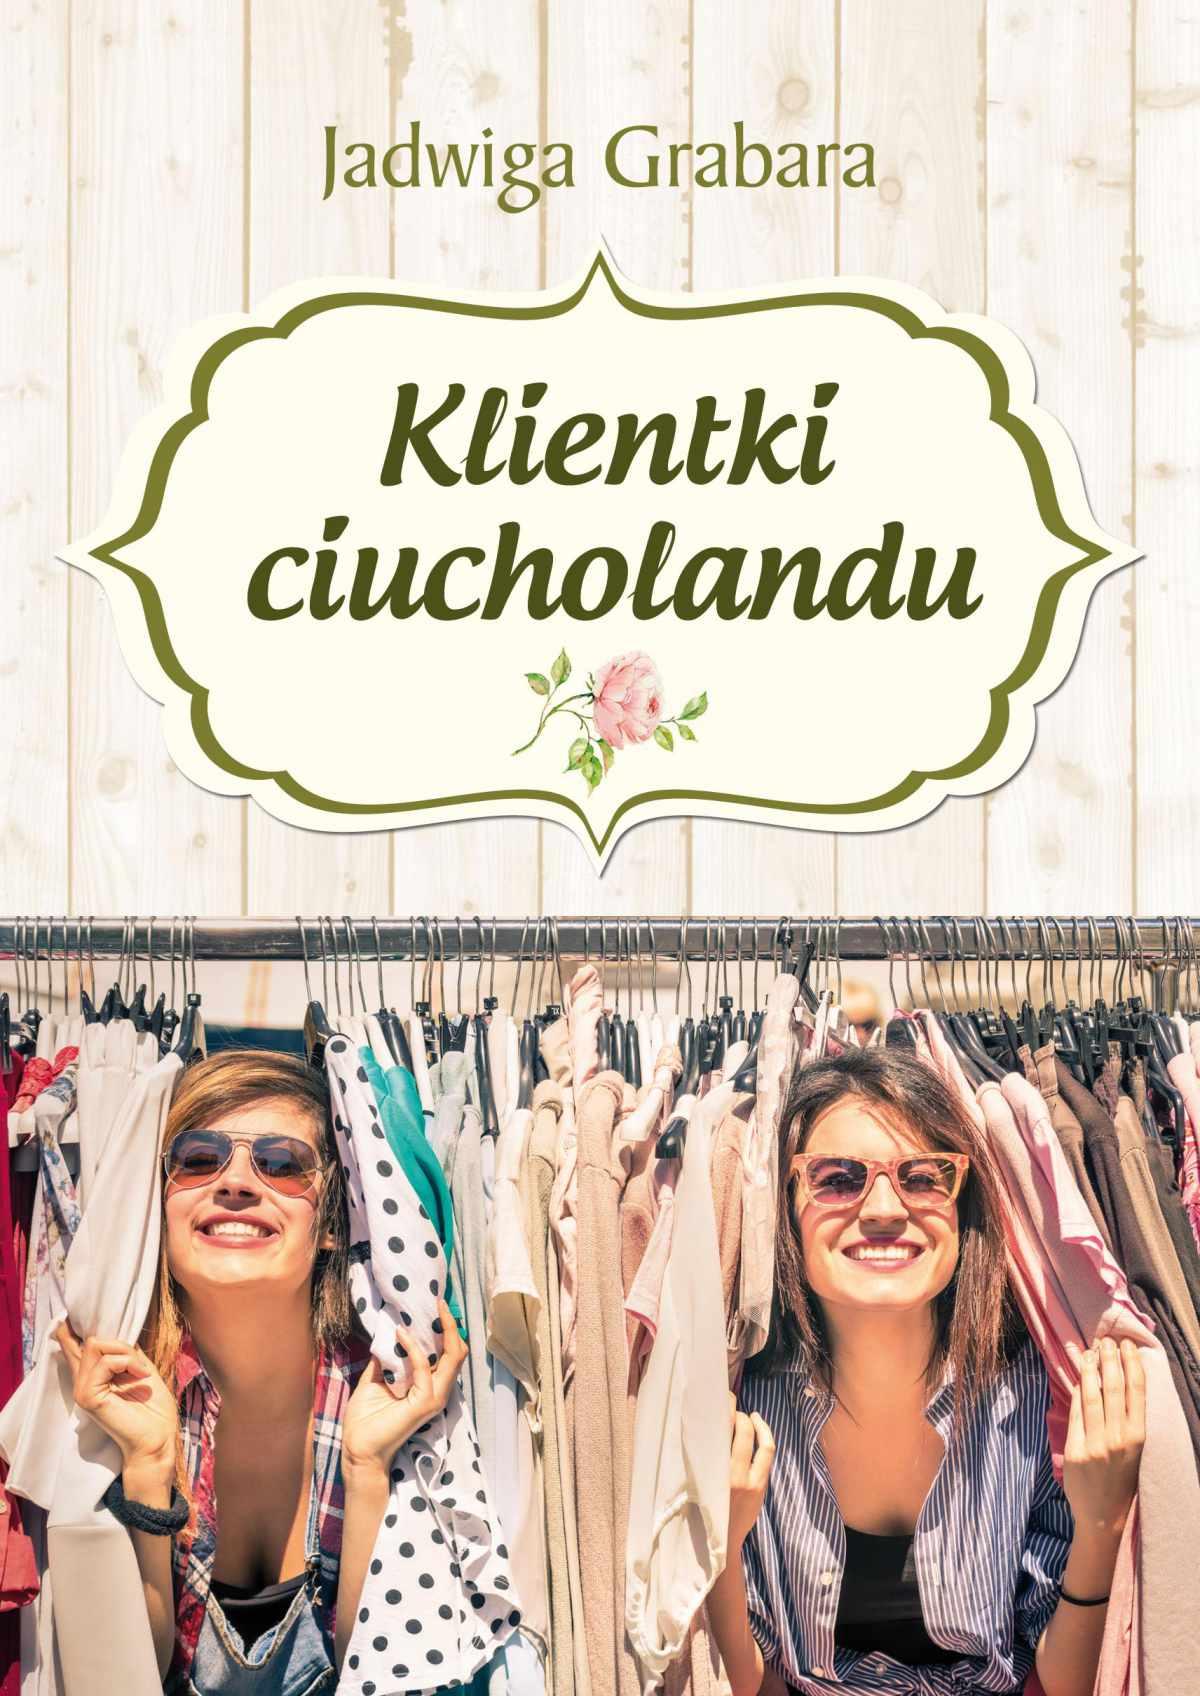 Klientki ciucholandu - Ebook (Książka EPUB) do pobrania w formacie EPUB